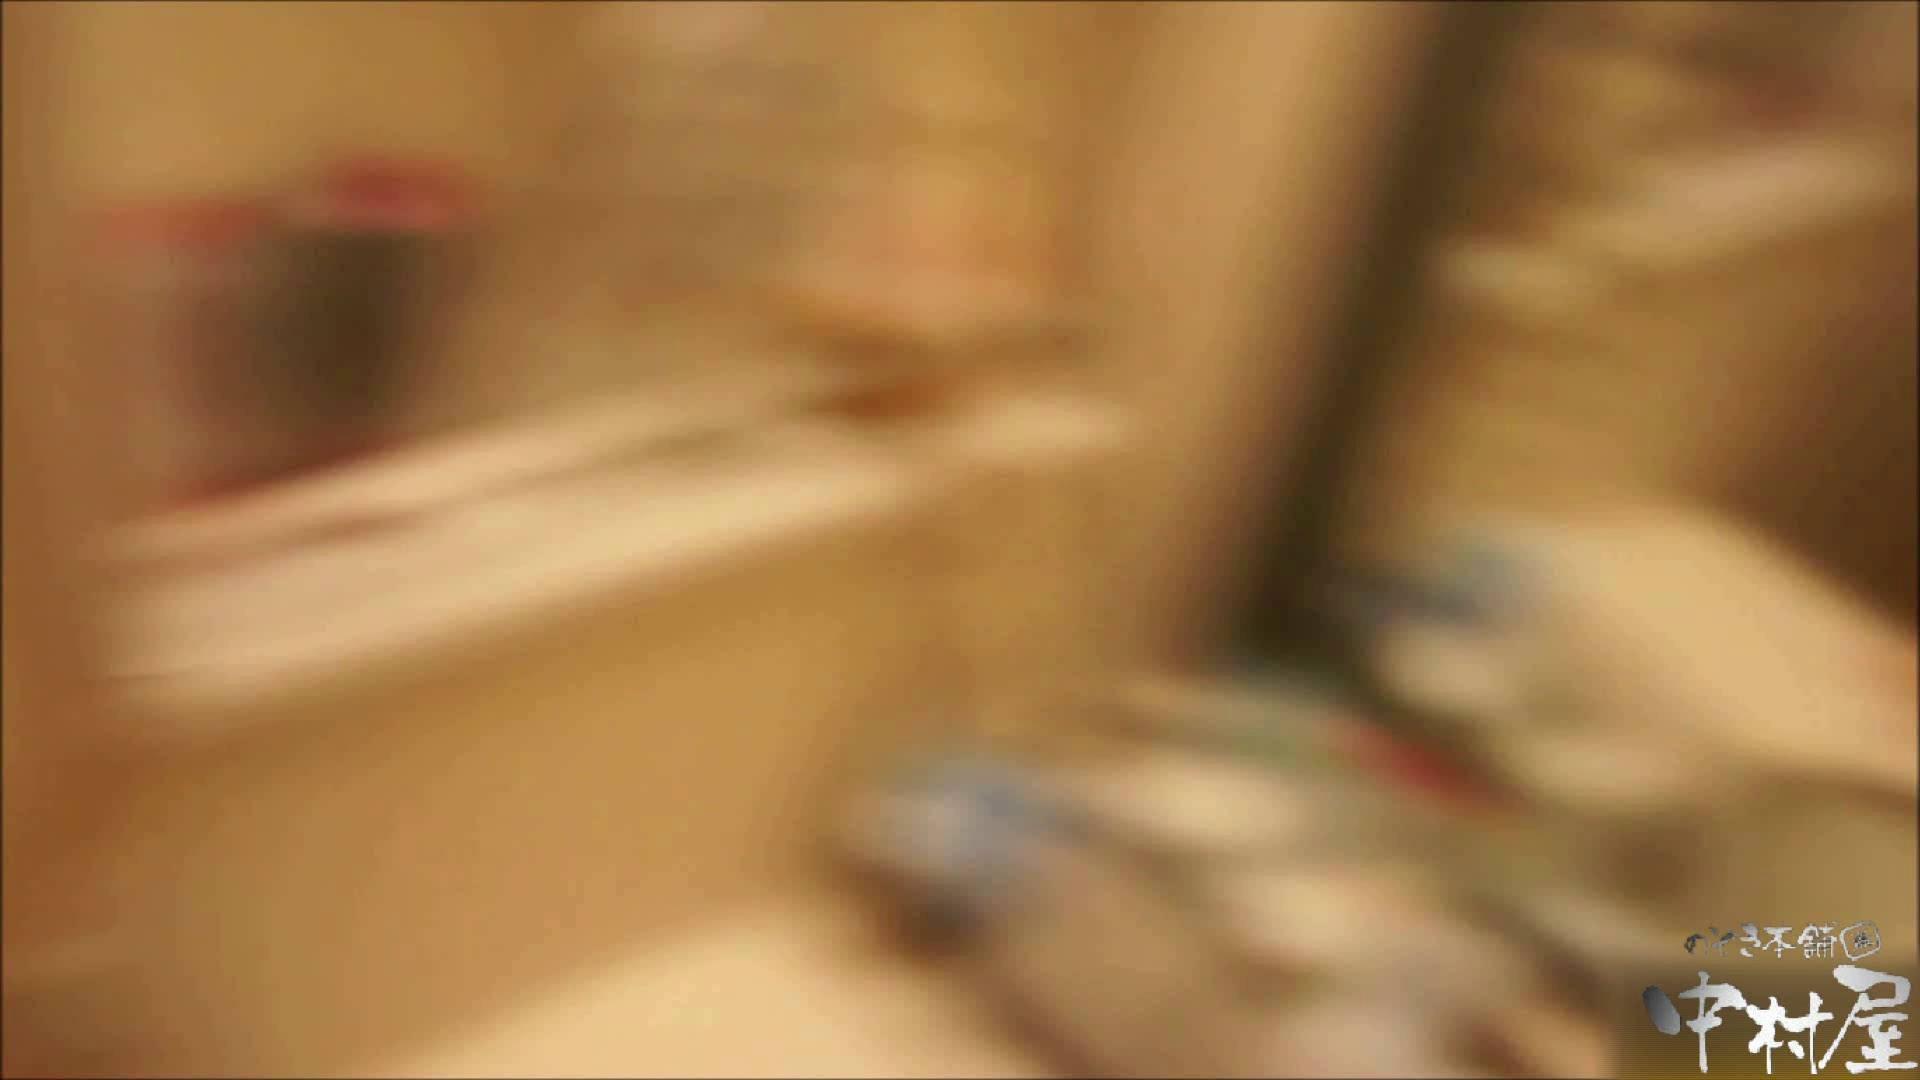 二人とも育てた甲斐がありました…vol.39【援助】鏡越しの朋葉を見ながら・・・前編 盗撮シリーズ | おまんこ見放題  82PIX 51